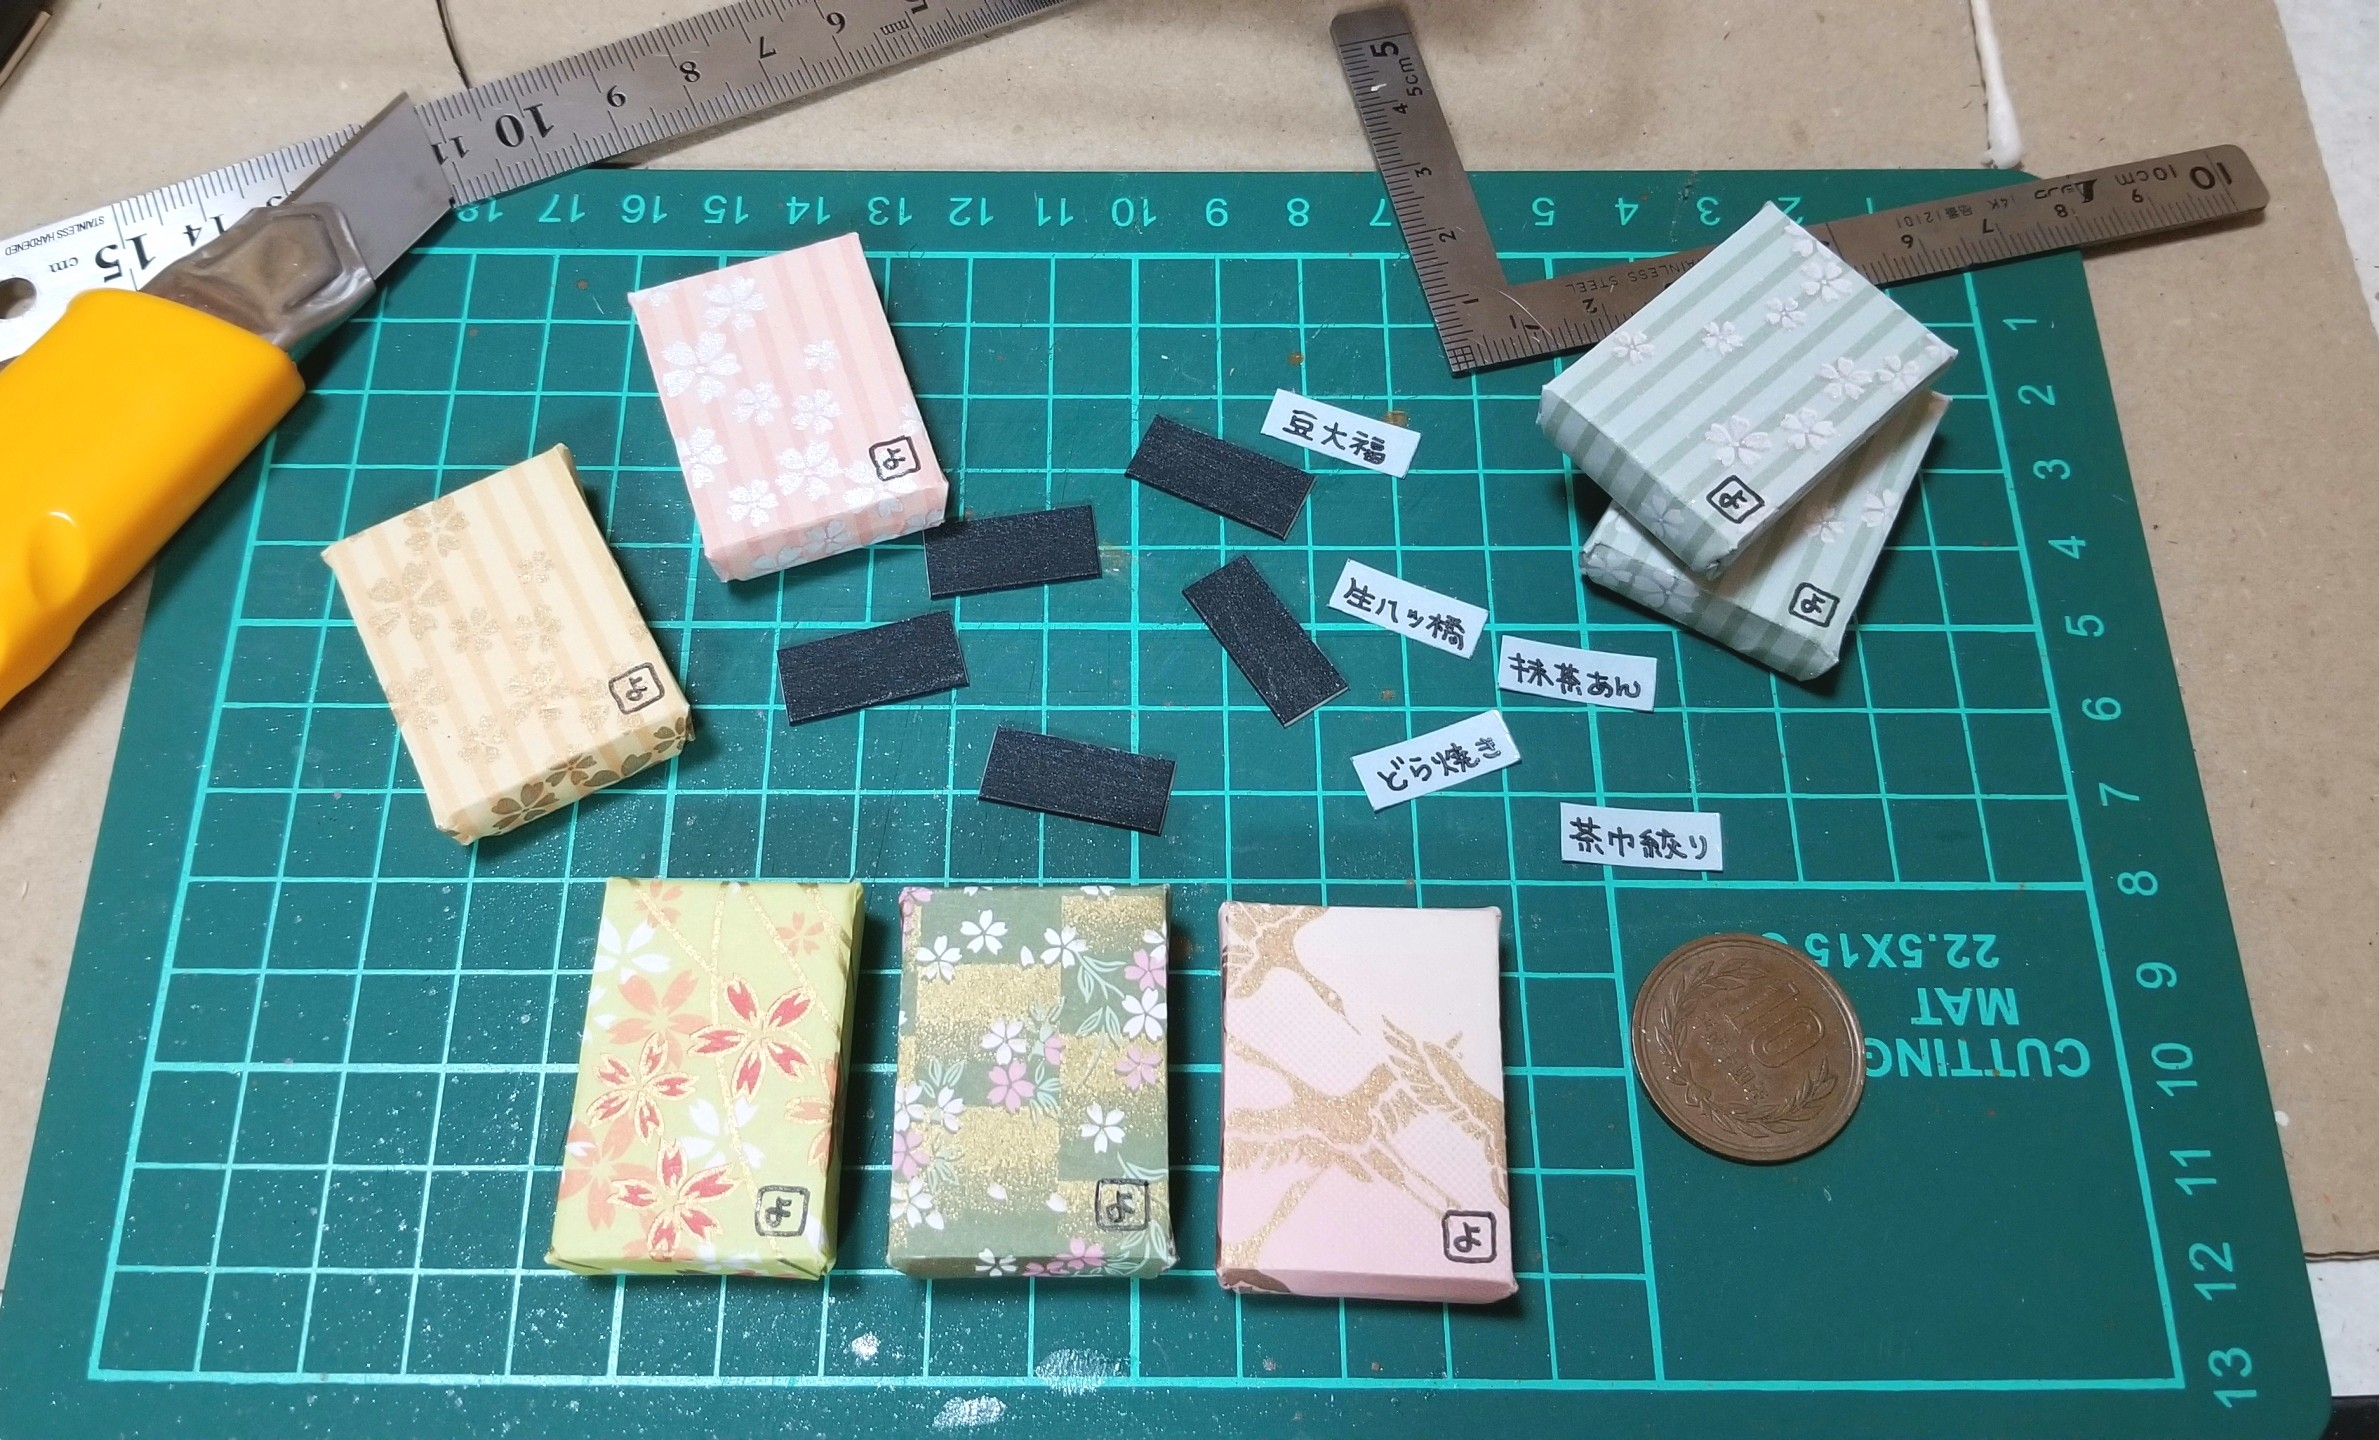 ミニチュアフード,菓子箱,和菓子屋,千代紙,折り紙,バルサ,作り方,桧